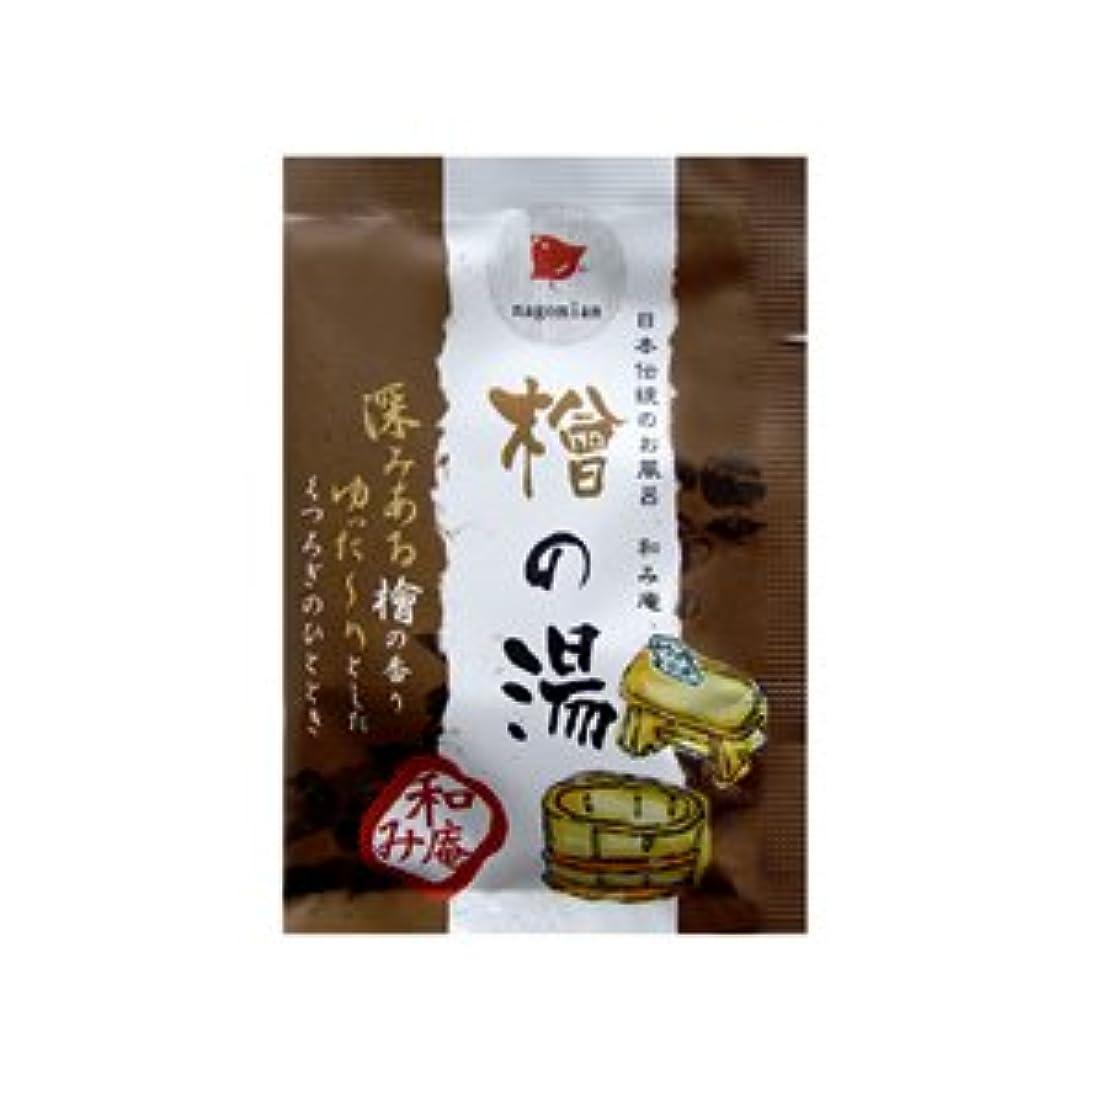 データベース引退する私たち日本伝統のお風呂 和み庵 檜の湯 25g 1包